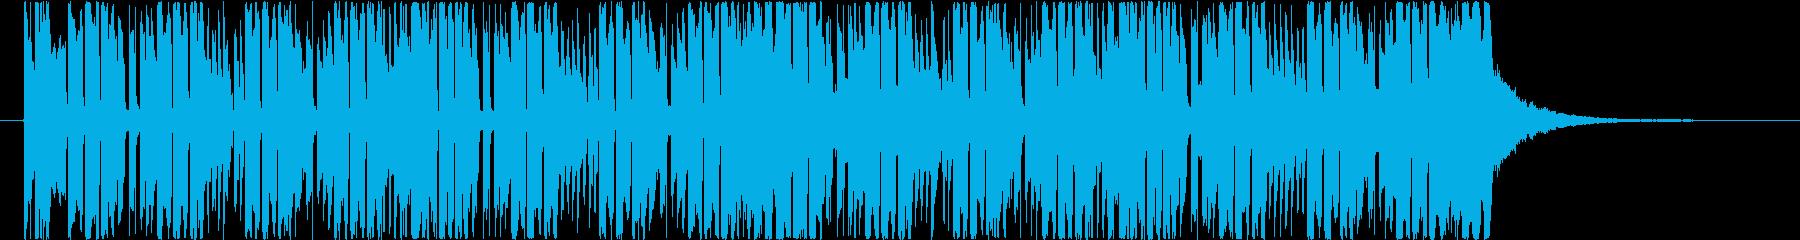 遊び心と透明感あふれるEDMの再生済みの波形